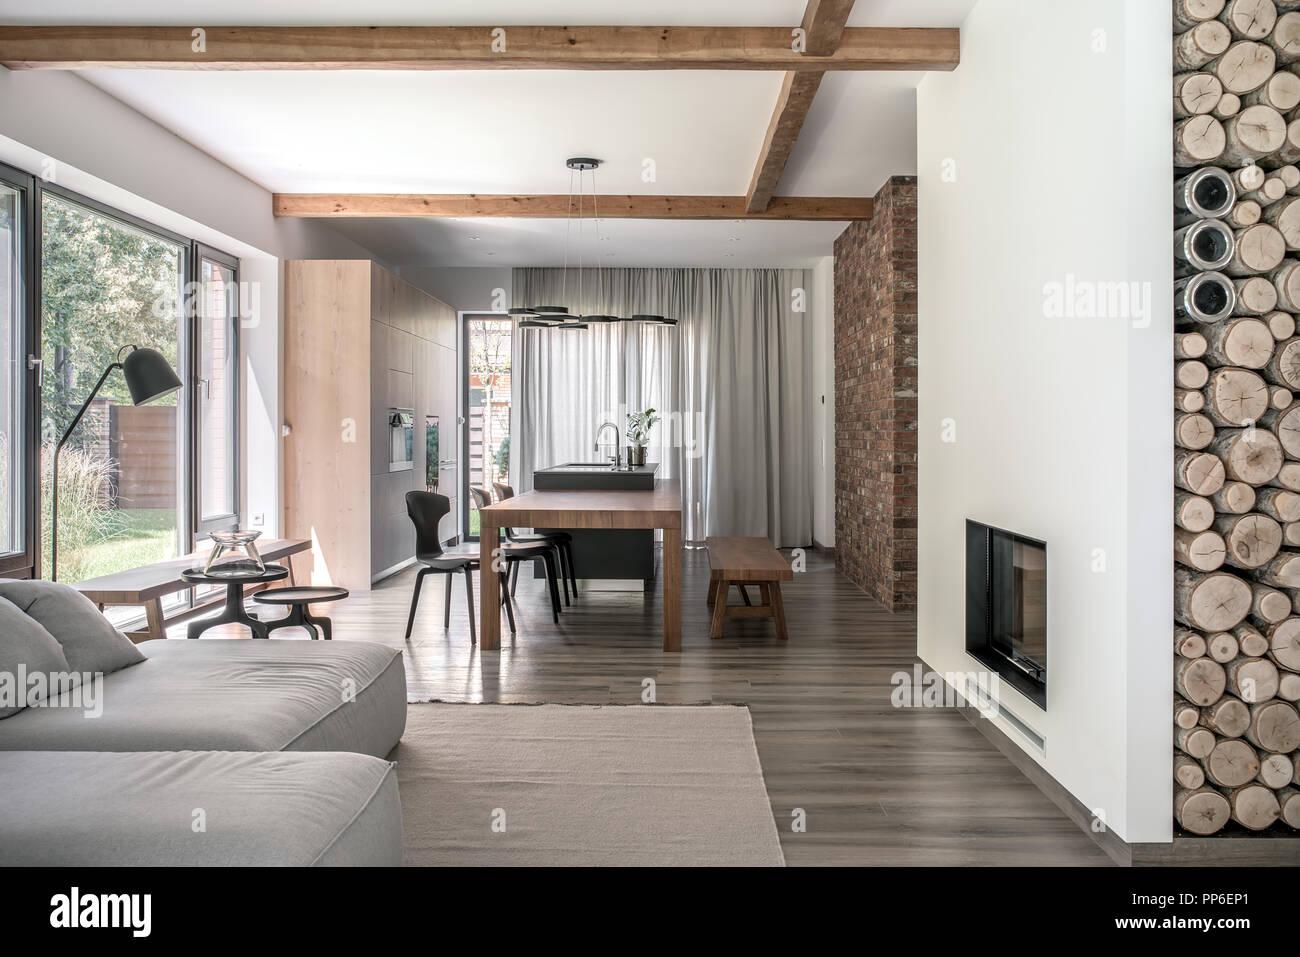 Halle Im Modernen Stil Mit Verschiedenen Wänden Und Holzbalken An